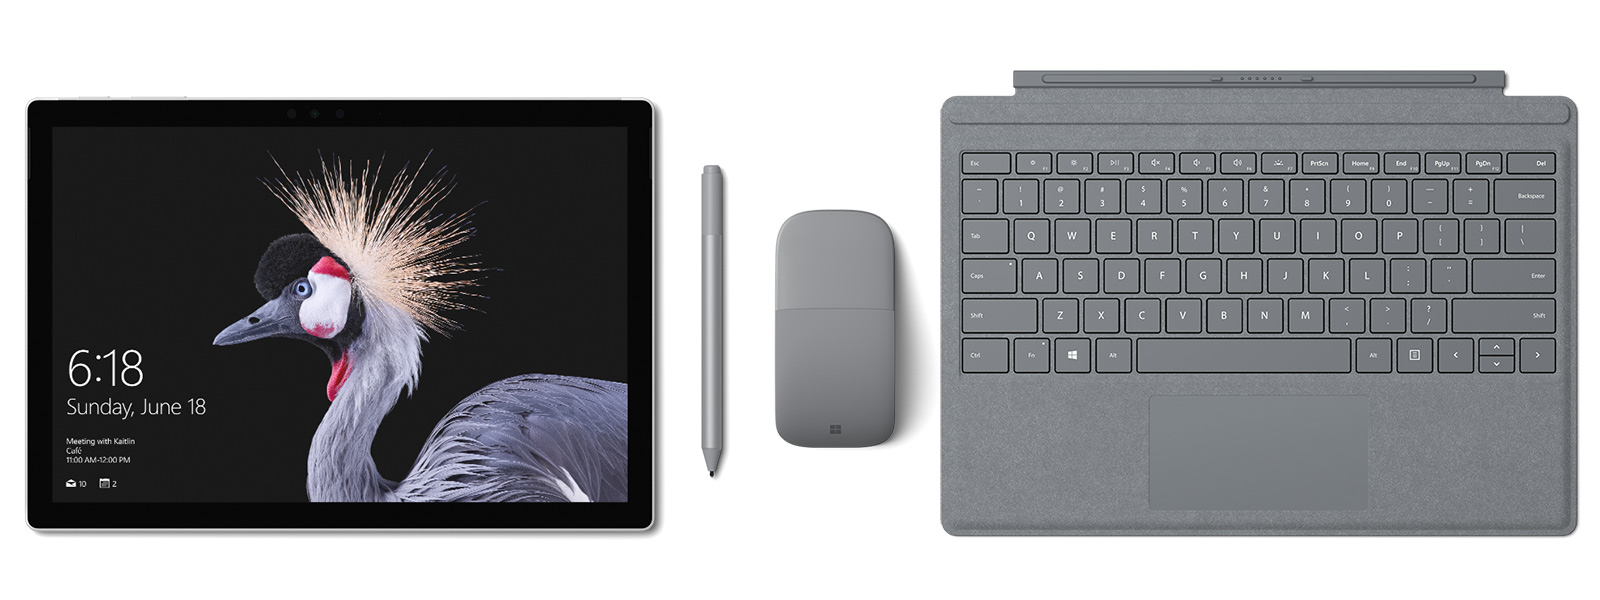 Zdjęcie urządzenia Surface Pro z klawiaturą Signature Type Cover, piórem Surface i myszą Surface Arc Mouse w kolorze platynowym. W zestawie pióro Surface.